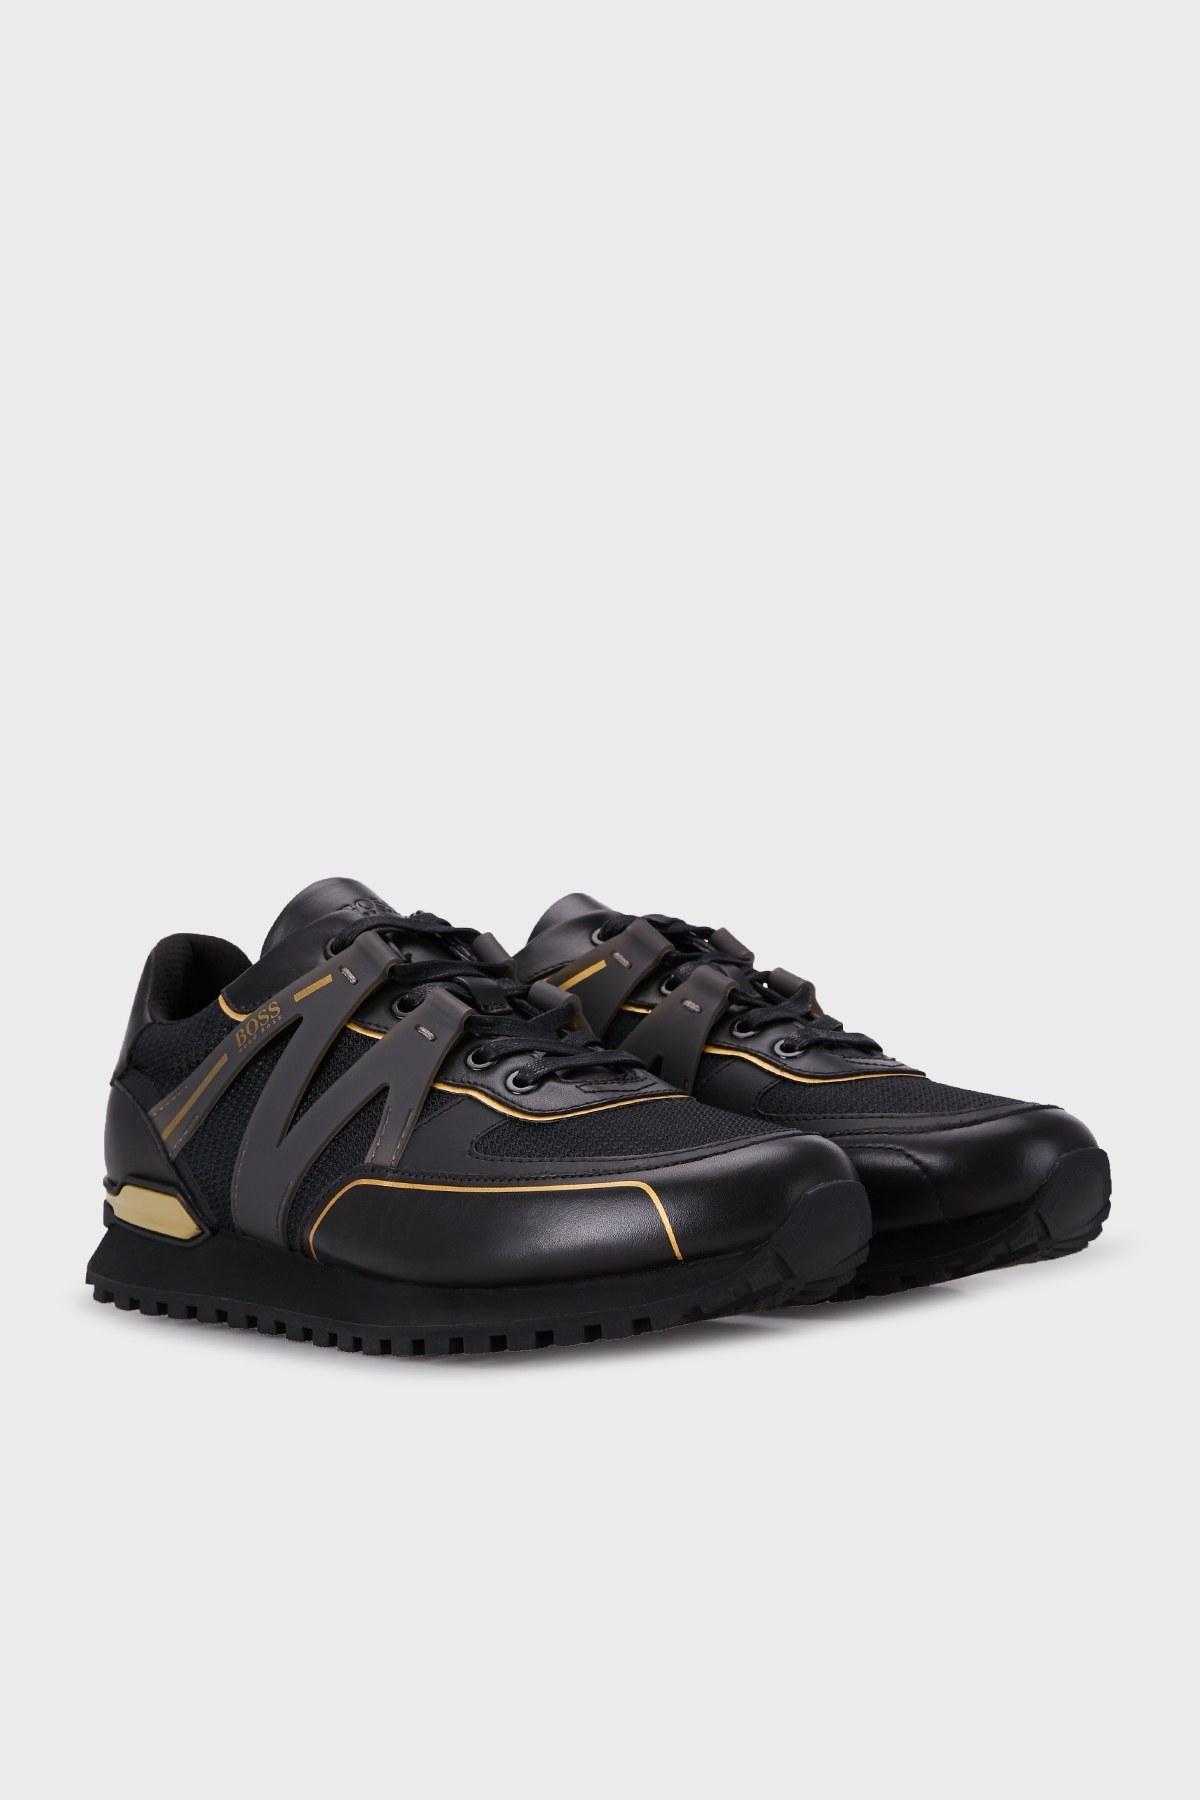 Hugo Boss Erkek Ayakkabı 50459373 007 SİYAH